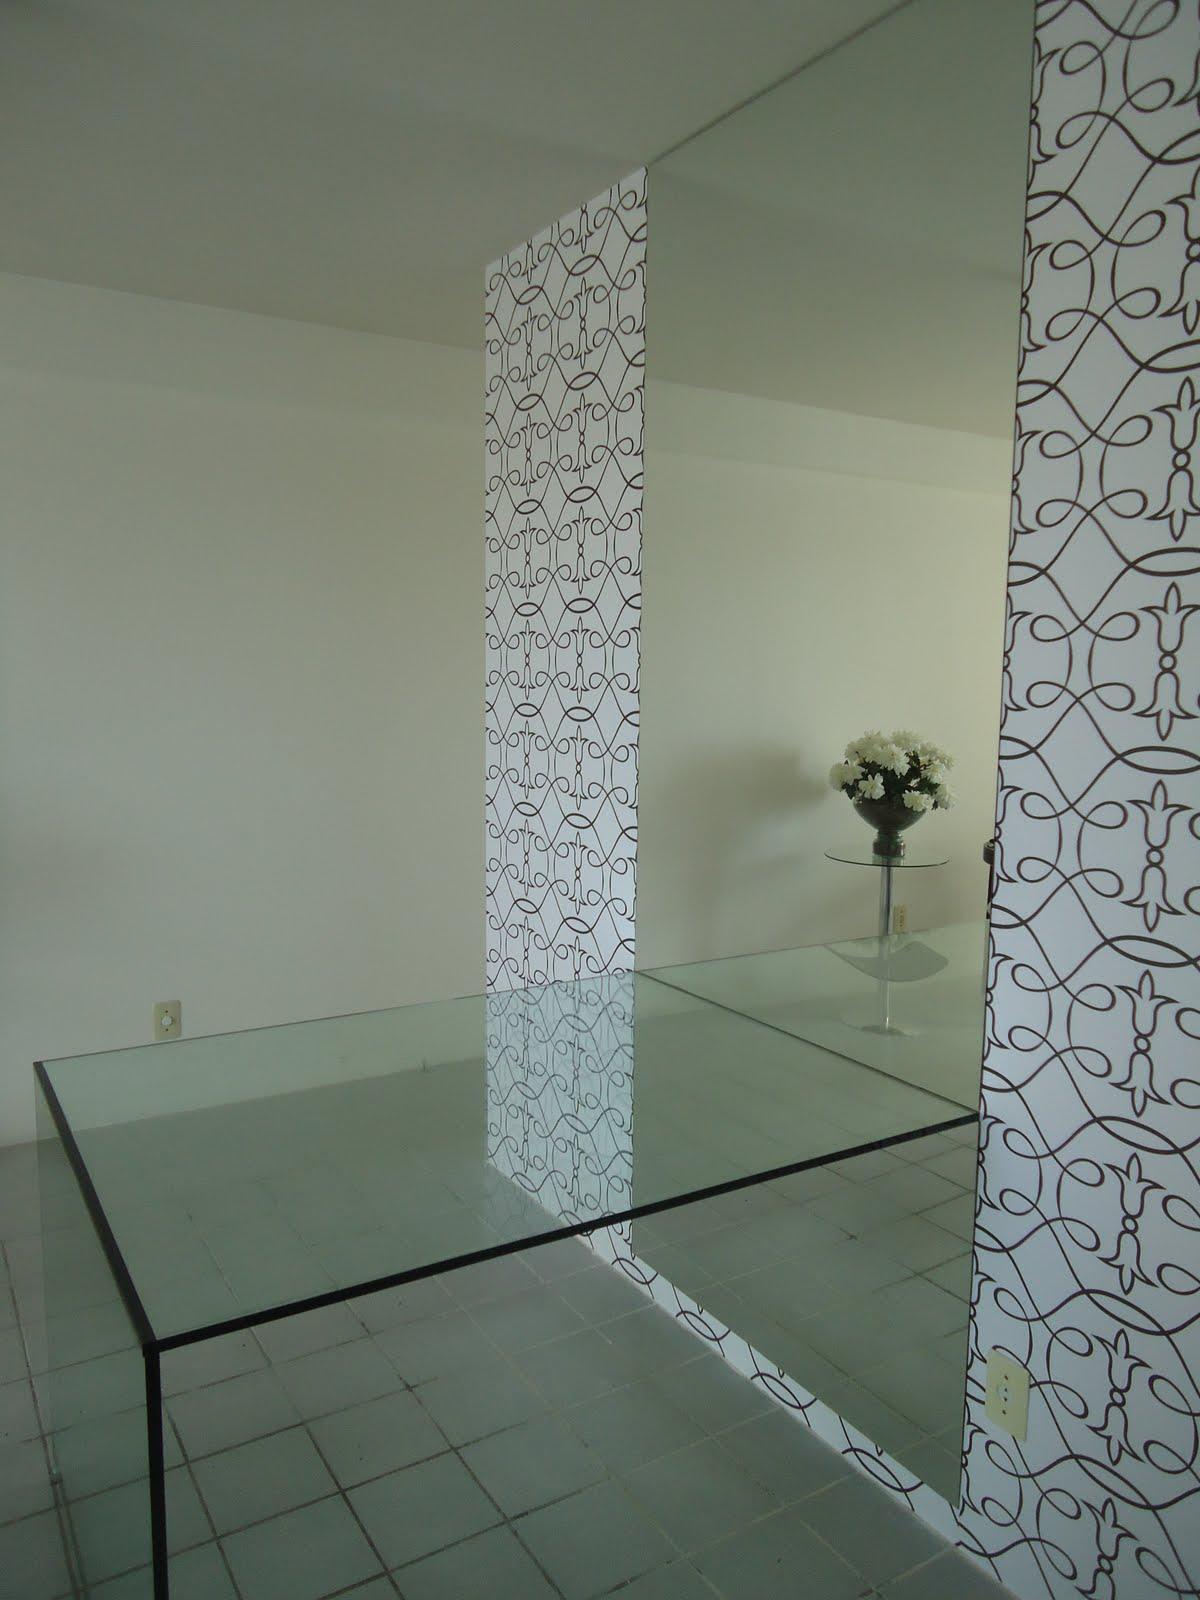 #6F7358 Montando meu 1º Apê: Revestimento da Parede 1200x1600 píxeis em Decoração De Sala De Jantar Com Papel De Parede E Espelho